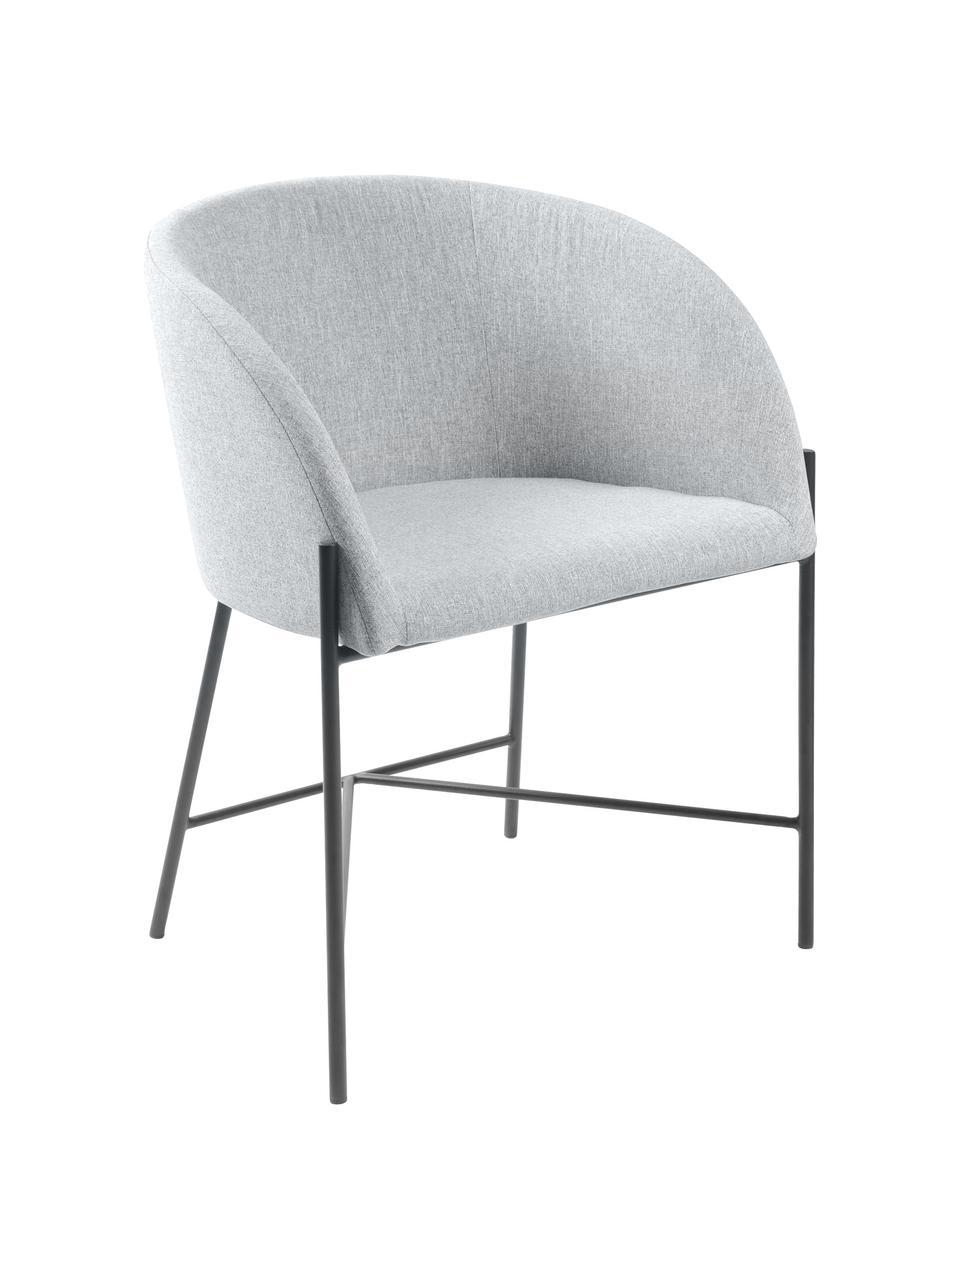 Gestoffeerde stoel Nelson met armleuningen, Bekleding: polyester De bekleding is, Poten: gelakt metaal, Geweven stof lichtgrijs, poten zwart, B 56 x D 54 cm